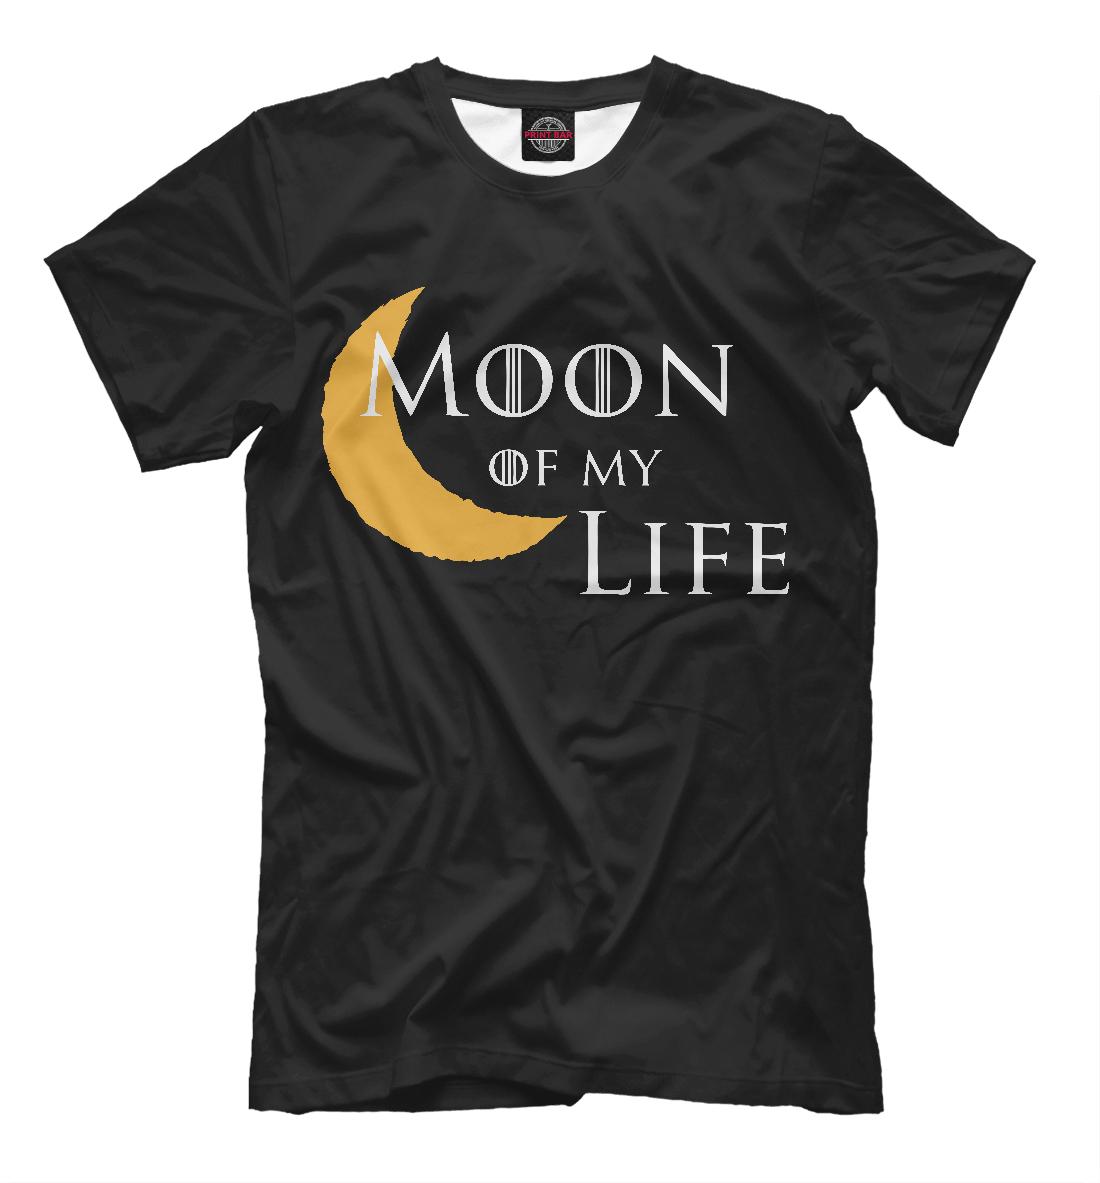 Купить Луна моей жизни, Printbar, Футболки, IGR-288083-fut-2